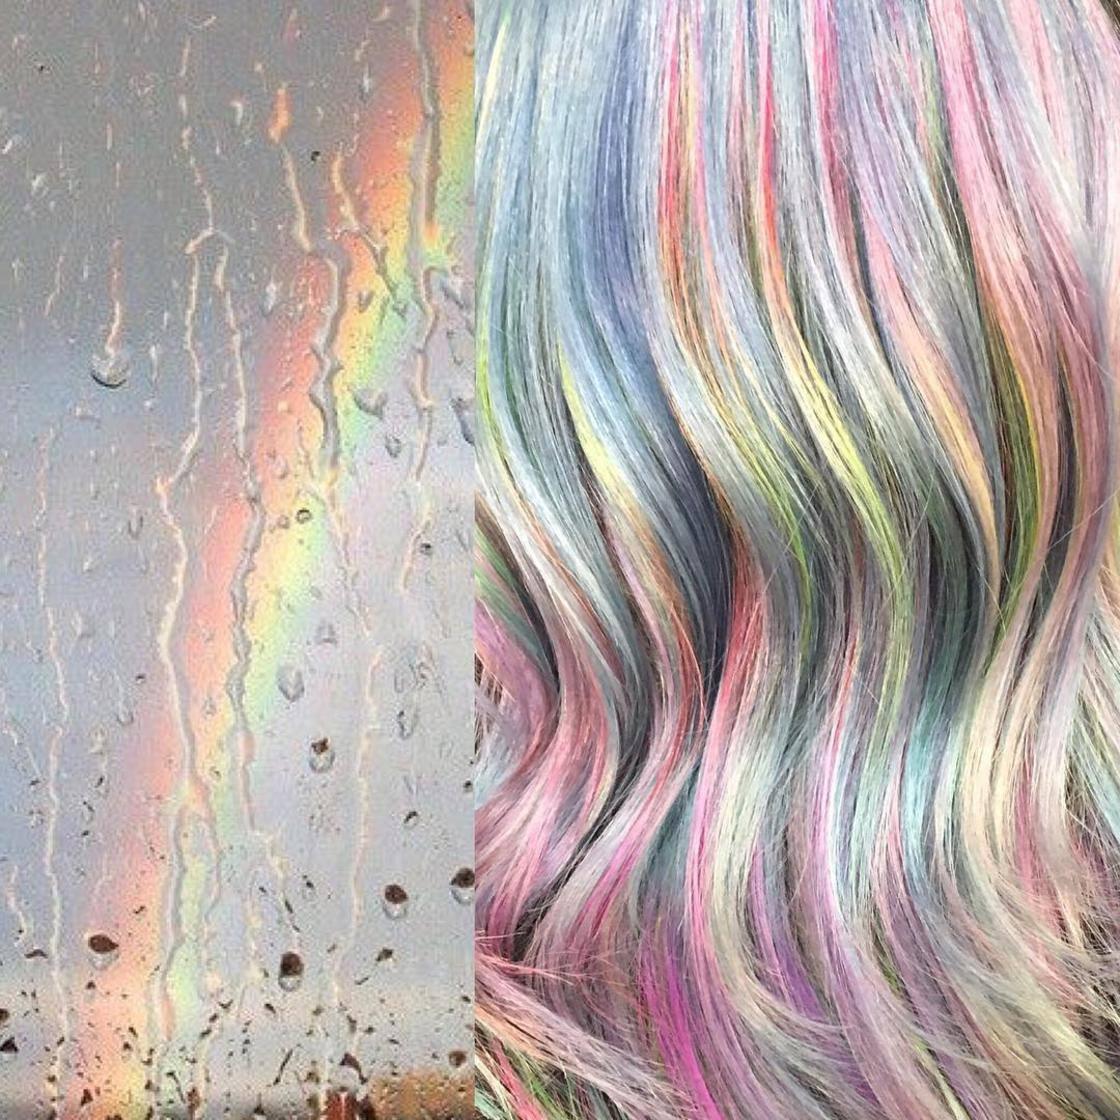 Artista se inspira em imagens fantásticas para mudar a cor do cabelo 5